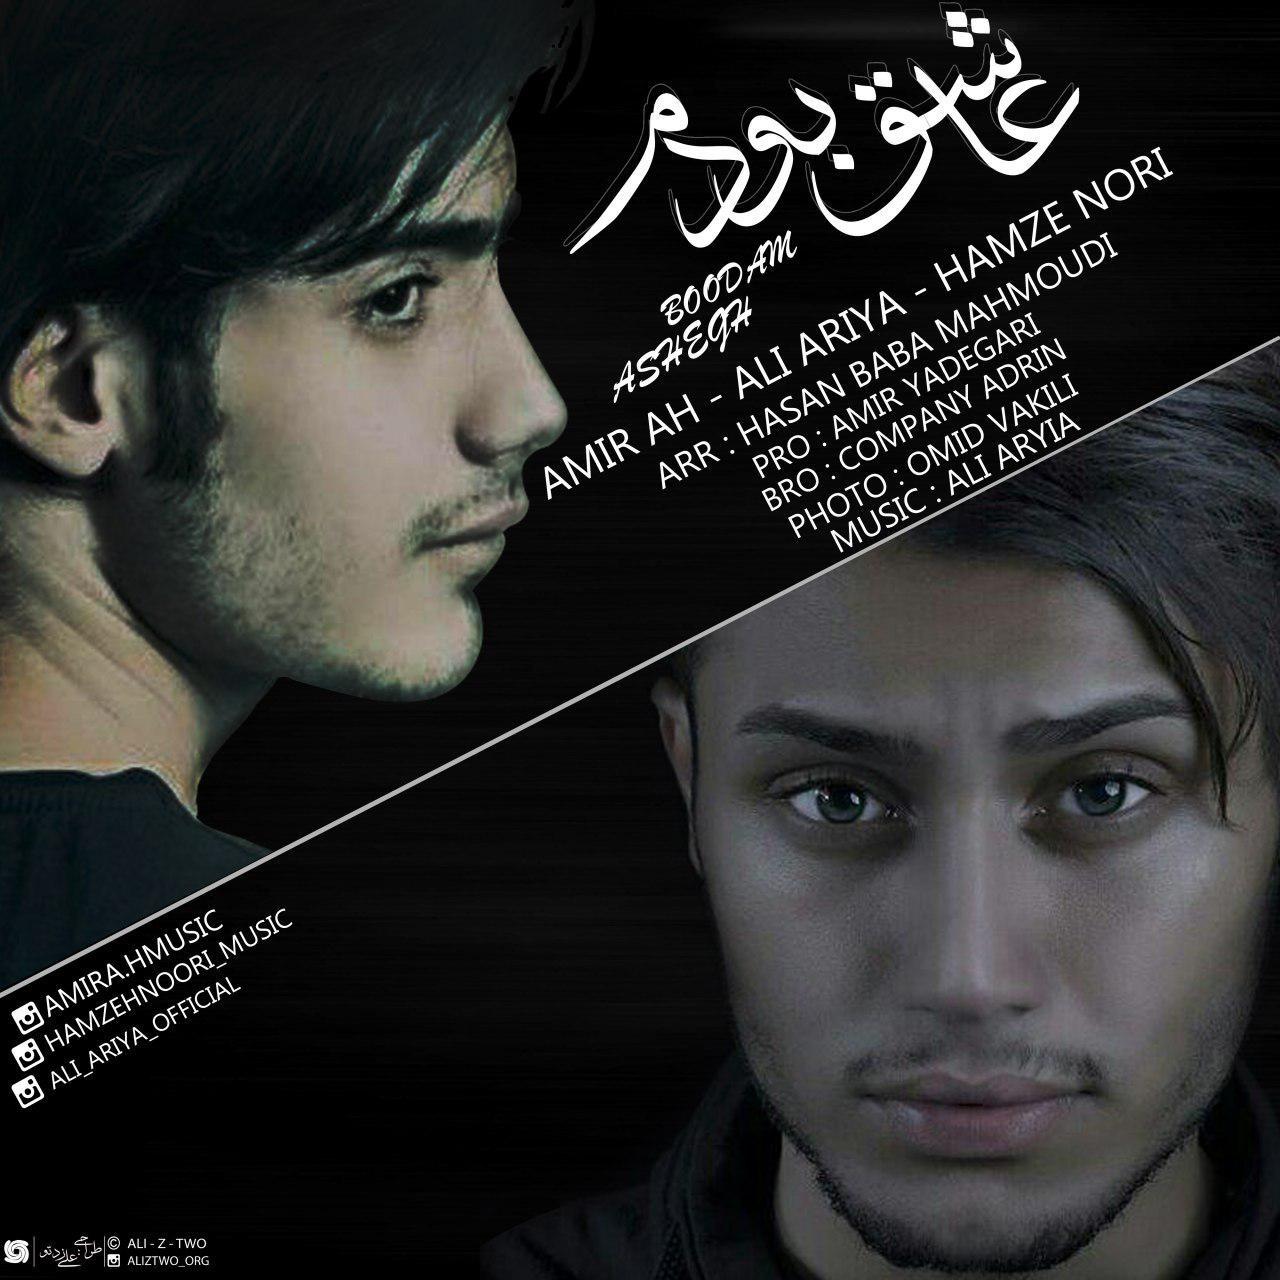 Amir A.H – Ashegh Bodam (Ft Ali Aria And Hamze Nori)